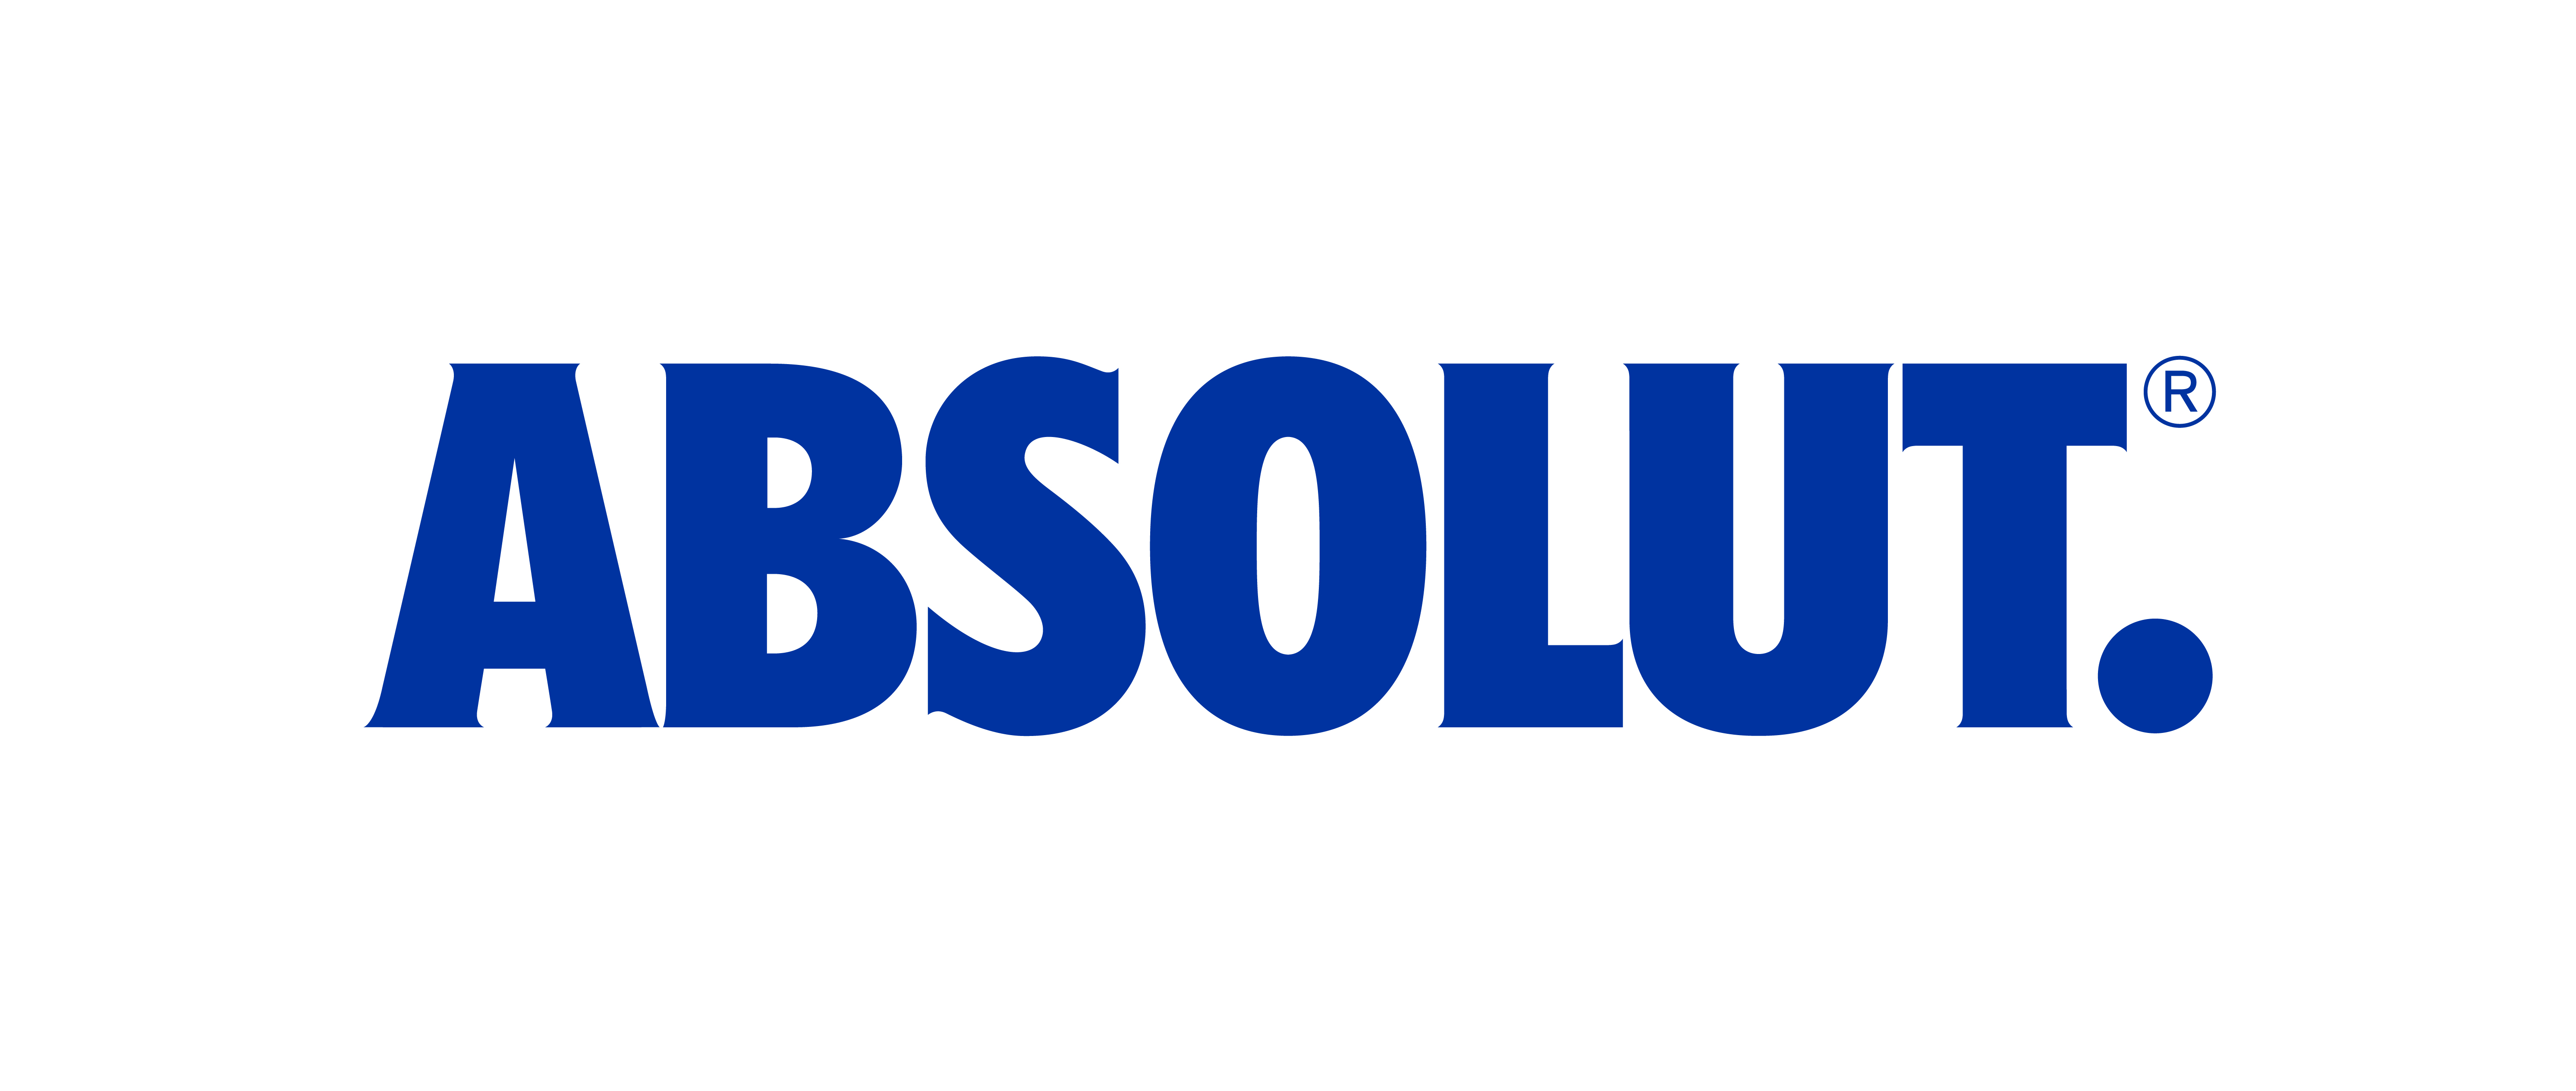 JPG0,5 MB. Absolut Logo - Absolut Logo PNG